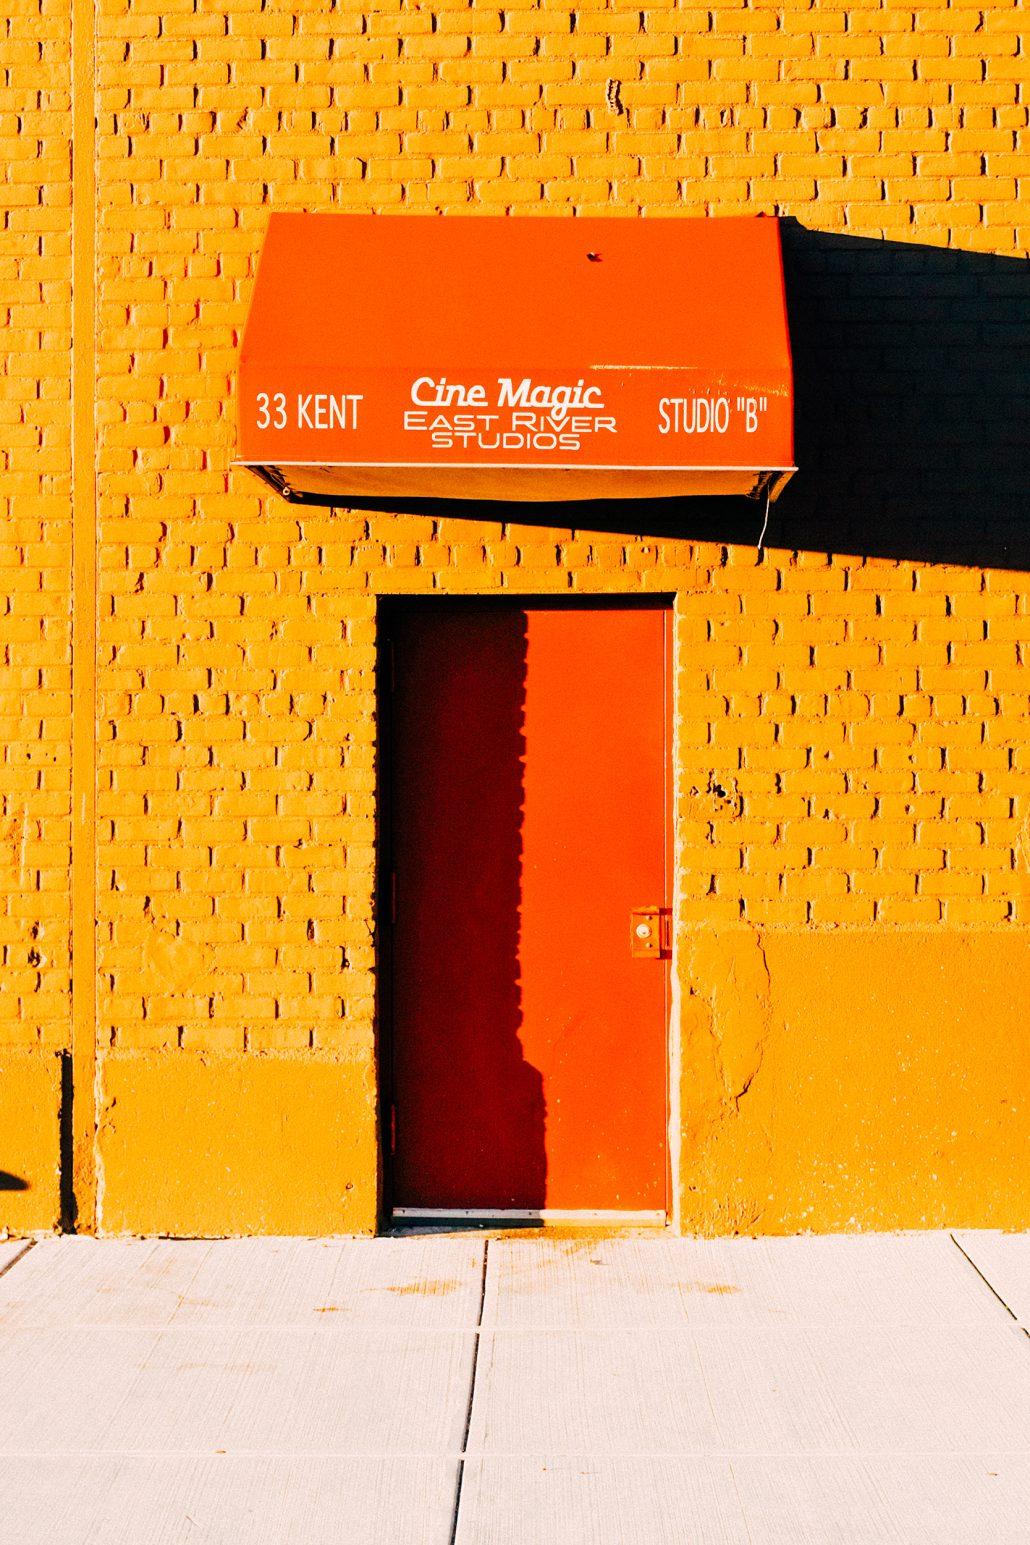 Cine Magic Studios